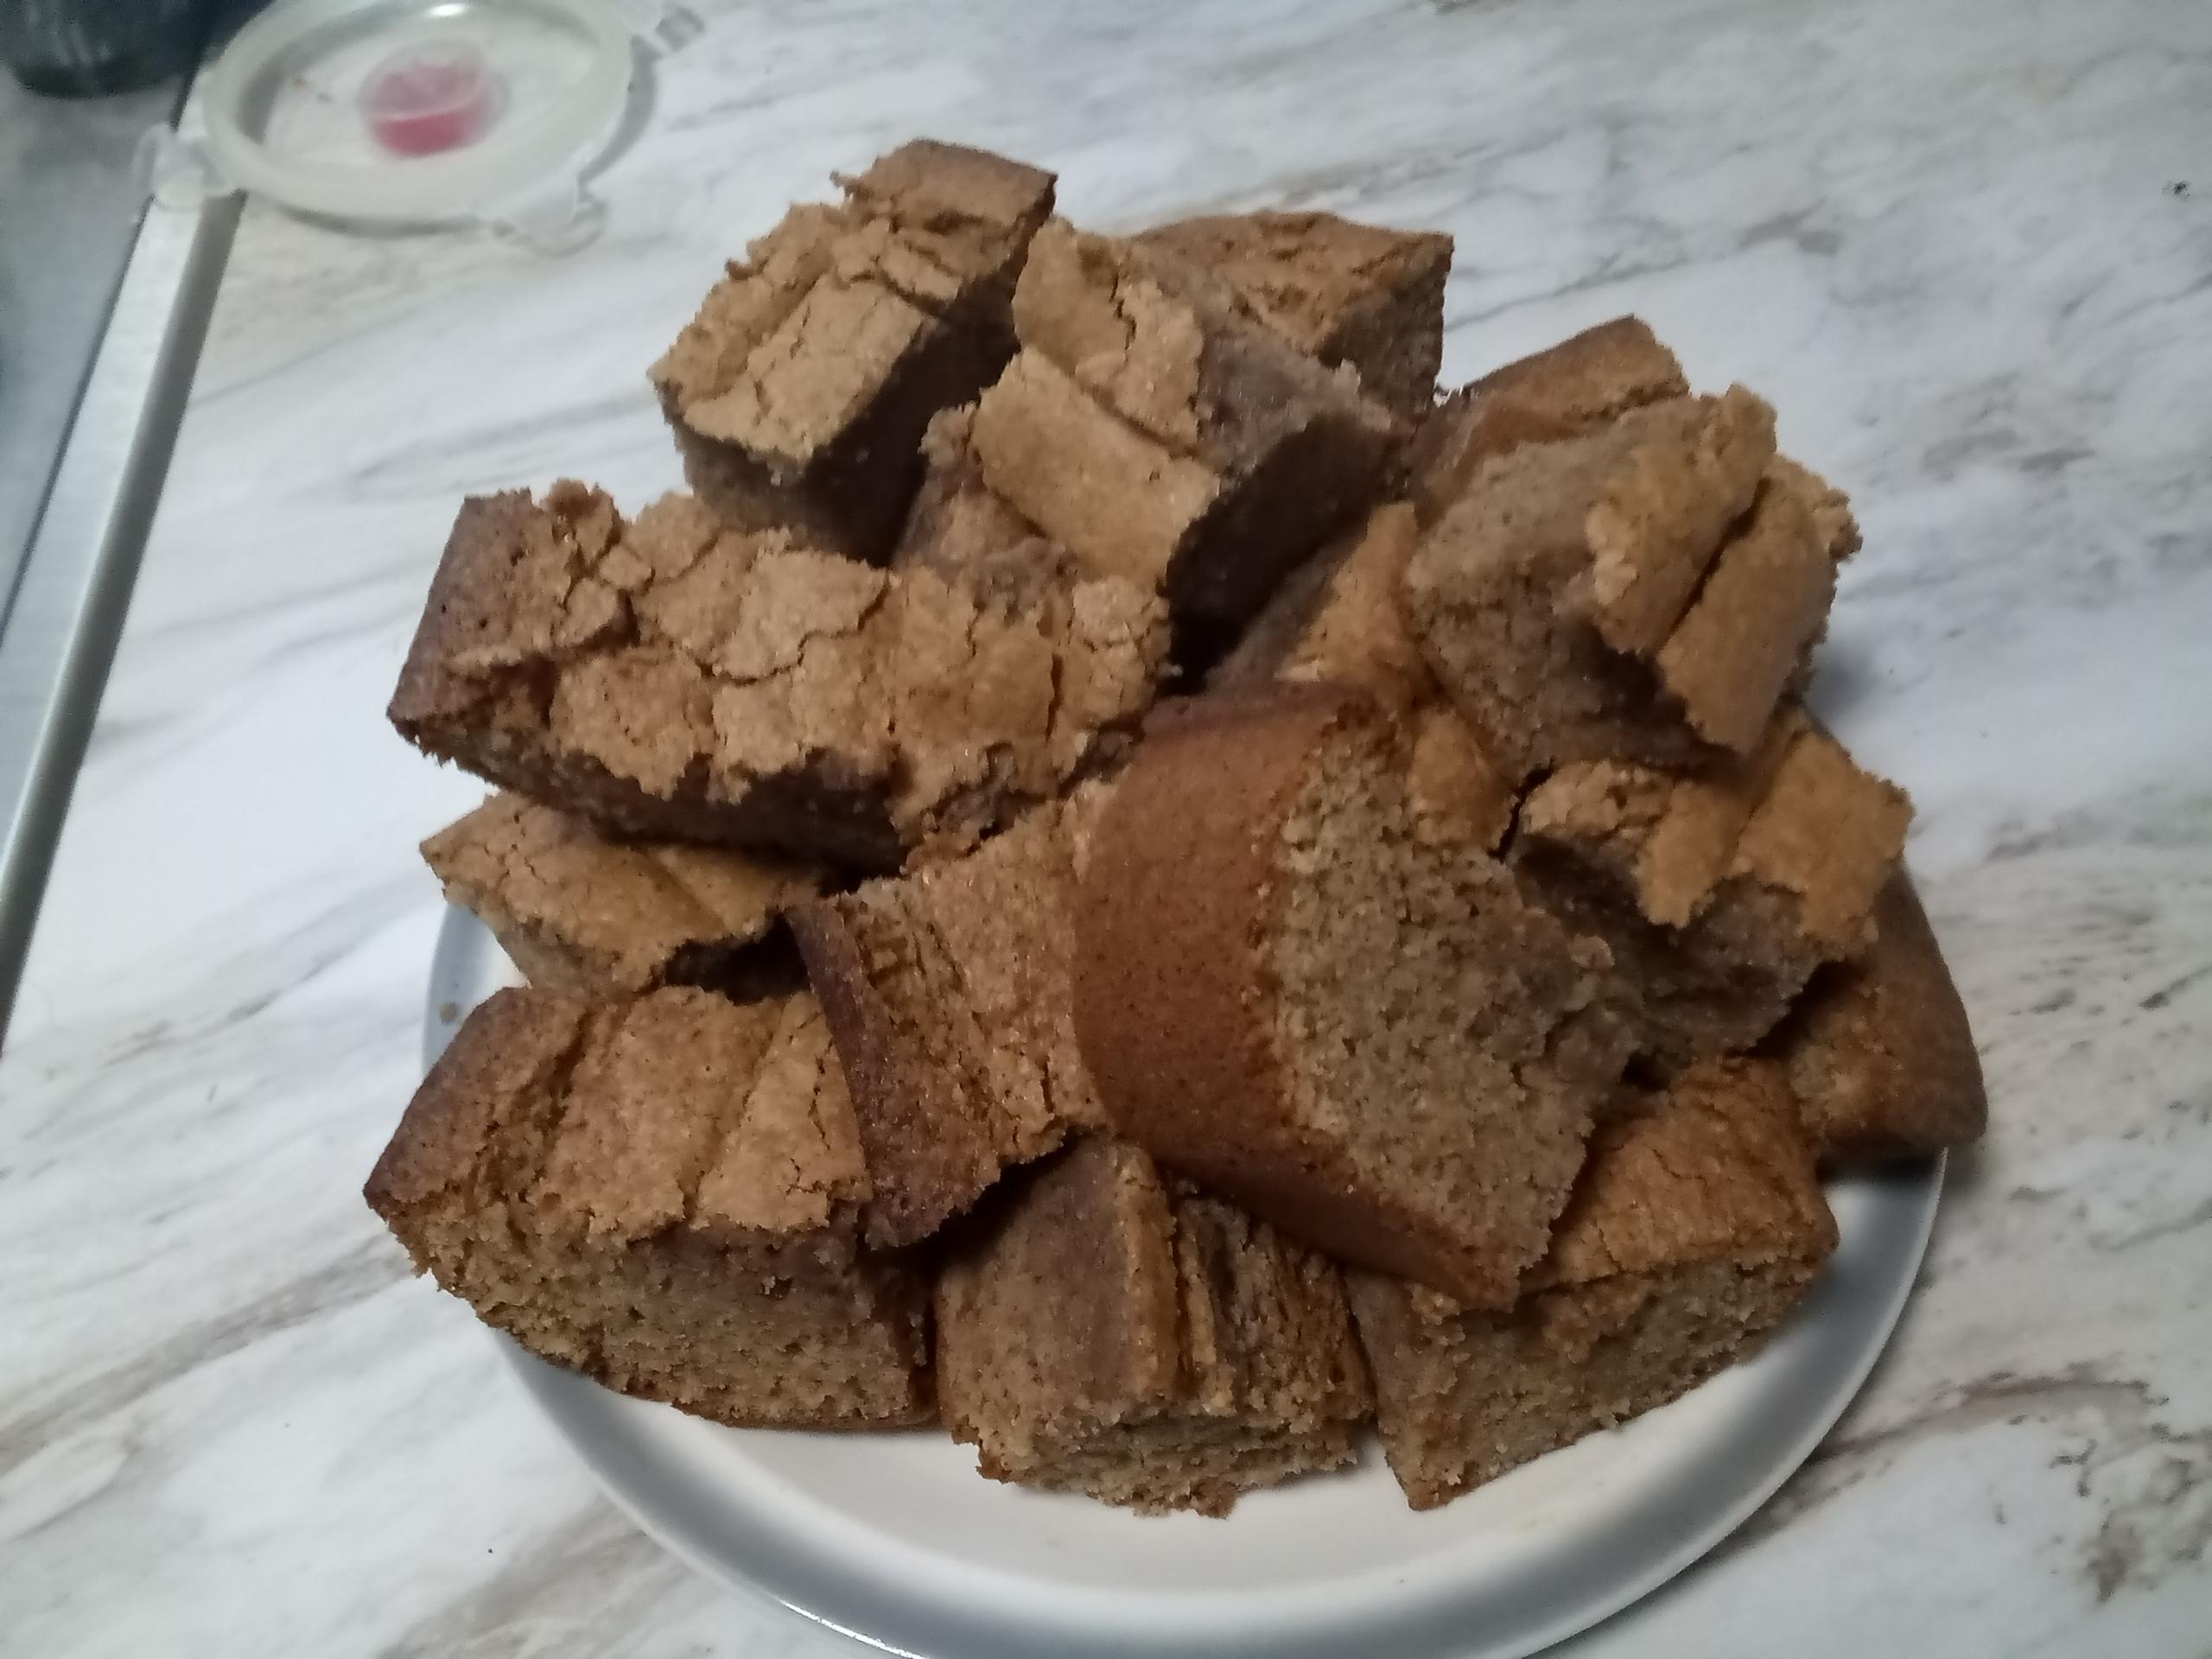 Georgia Cornbread Cake zulaikha mateen